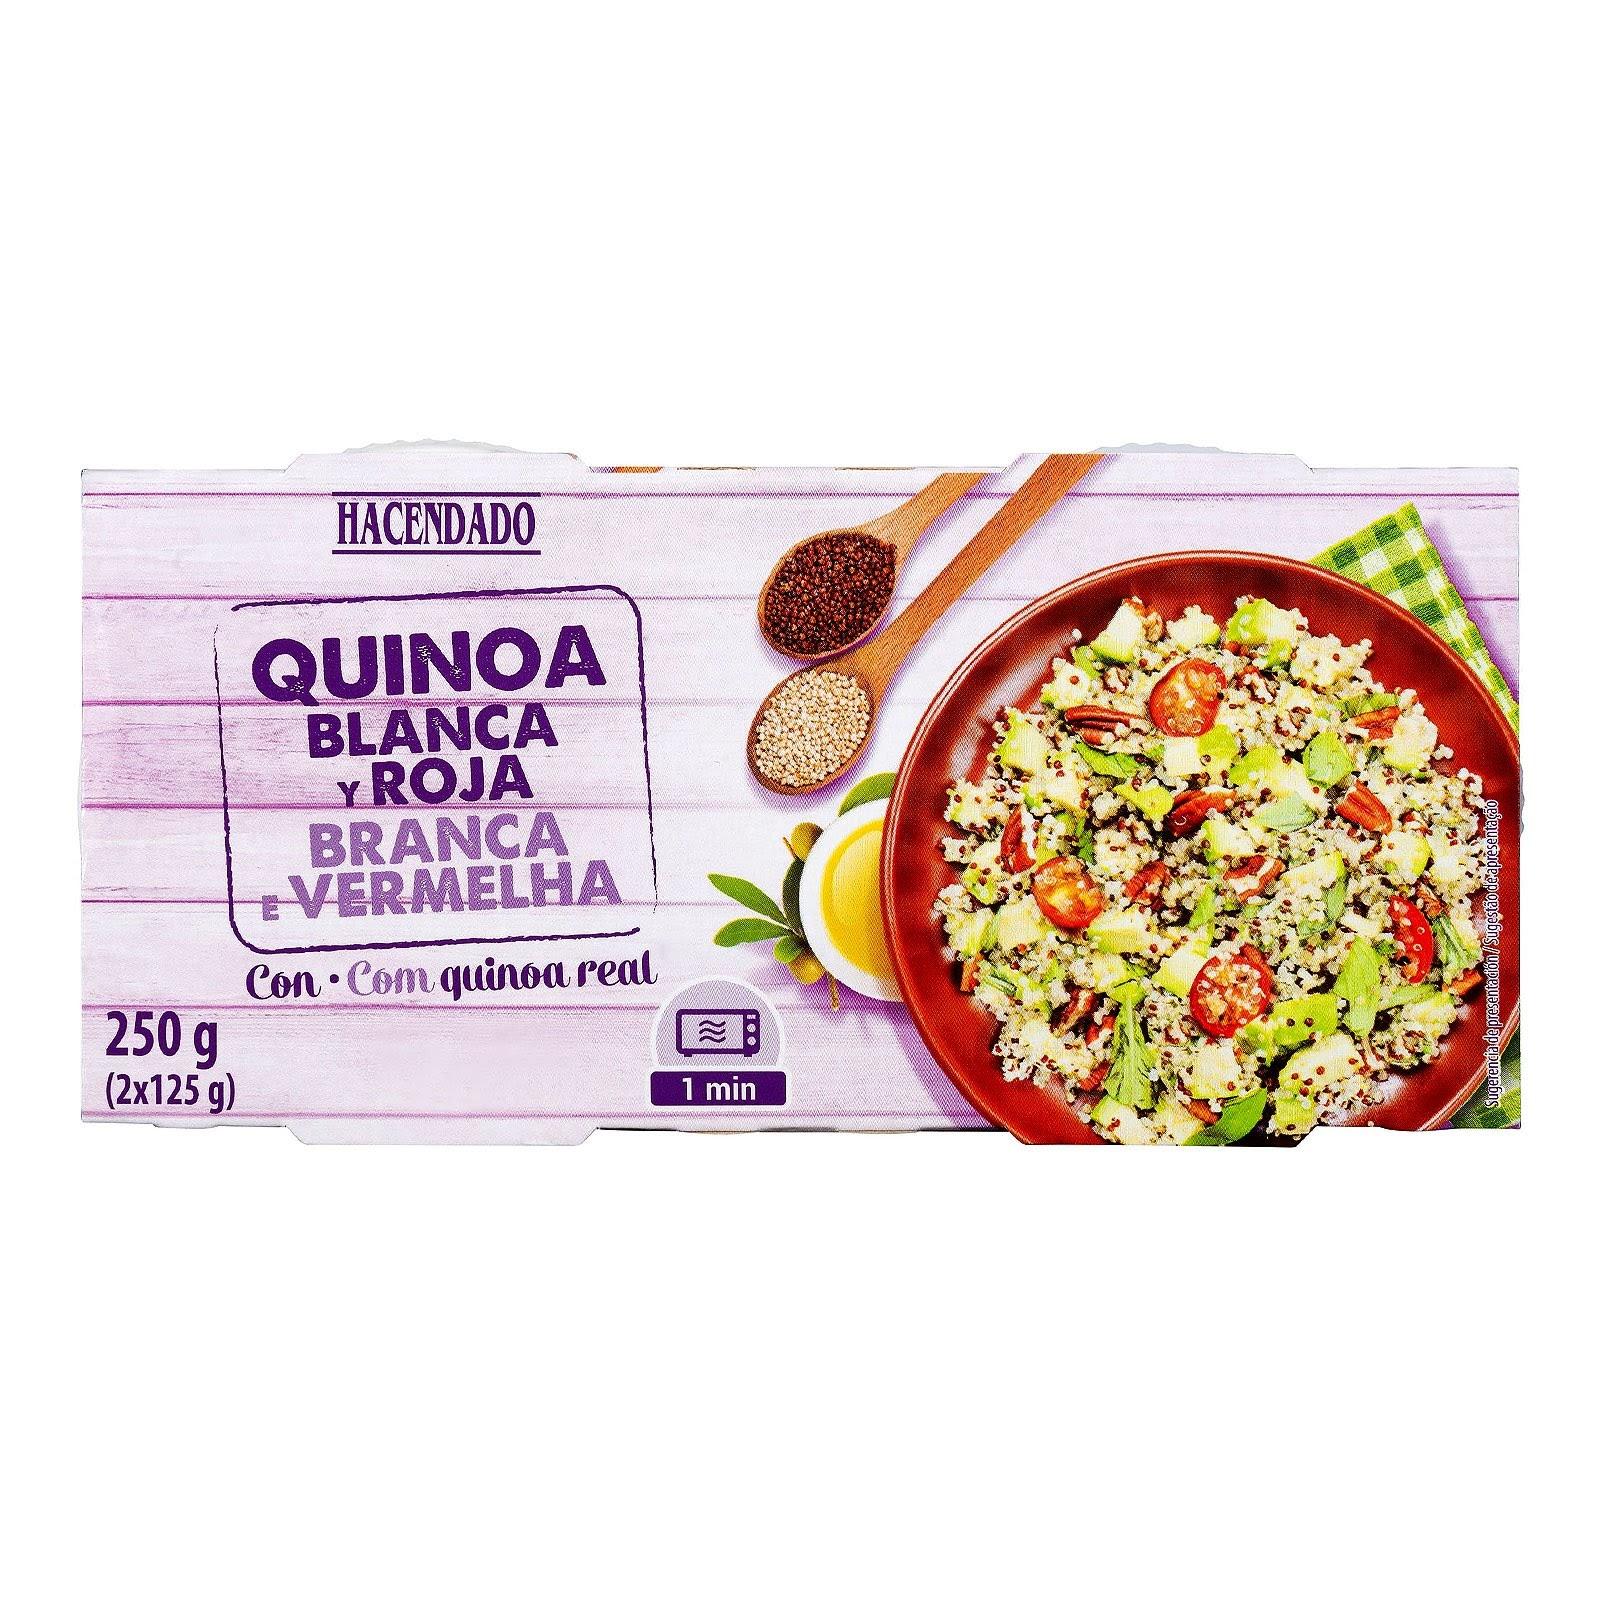 Quinoa cocida blanca y roja Hacendado